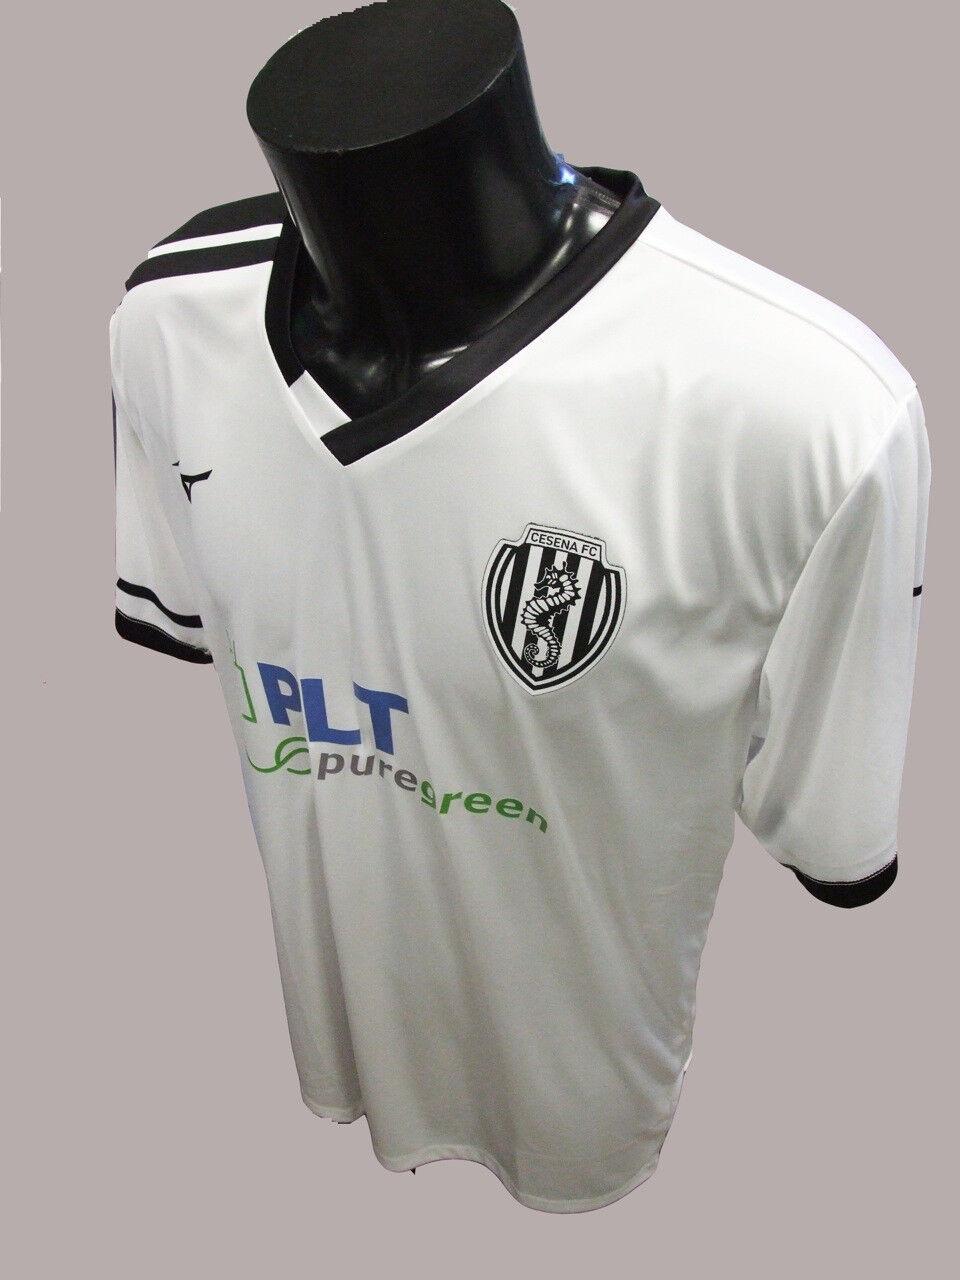 Cesena FC - Trikot Home MC - - - 2018 19 - P2HA8A50 096c06